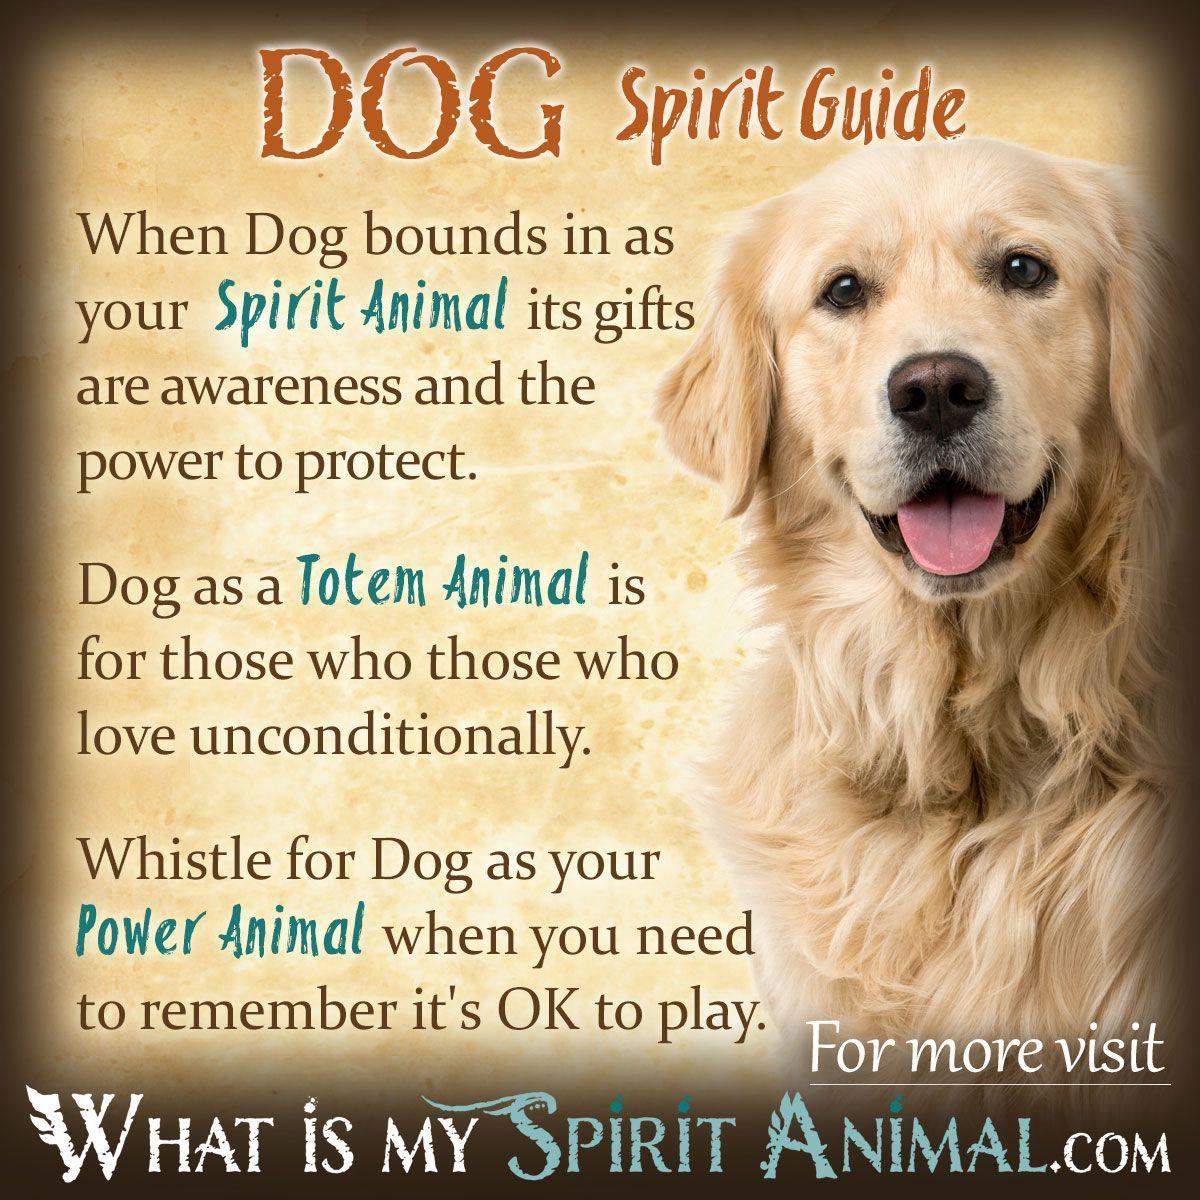 Meet your SpiritAnimal! Take the real, fun & accurate